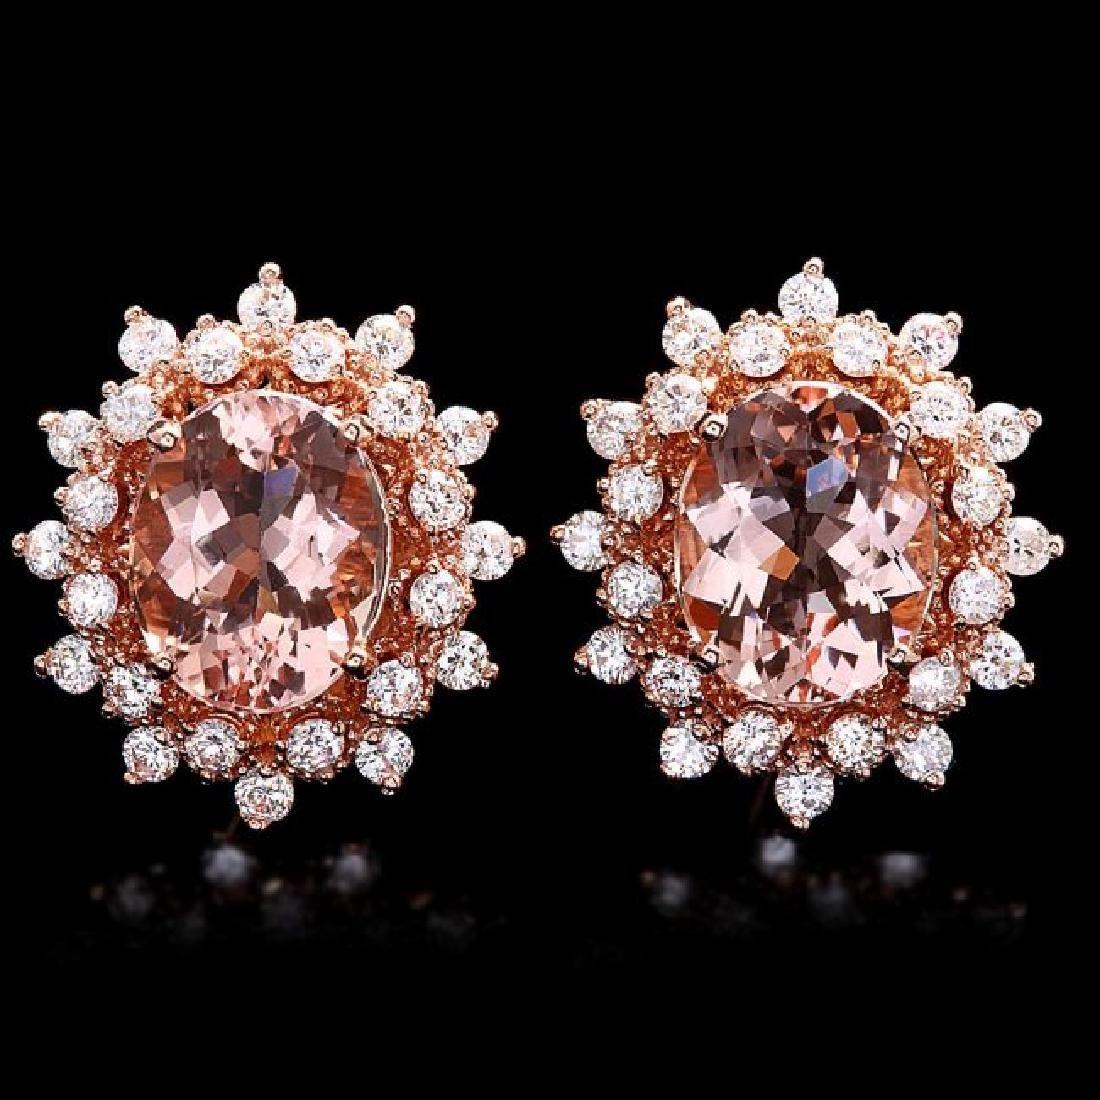 14k Rose 5ct Morganite 1.25ct Diamond Earrings